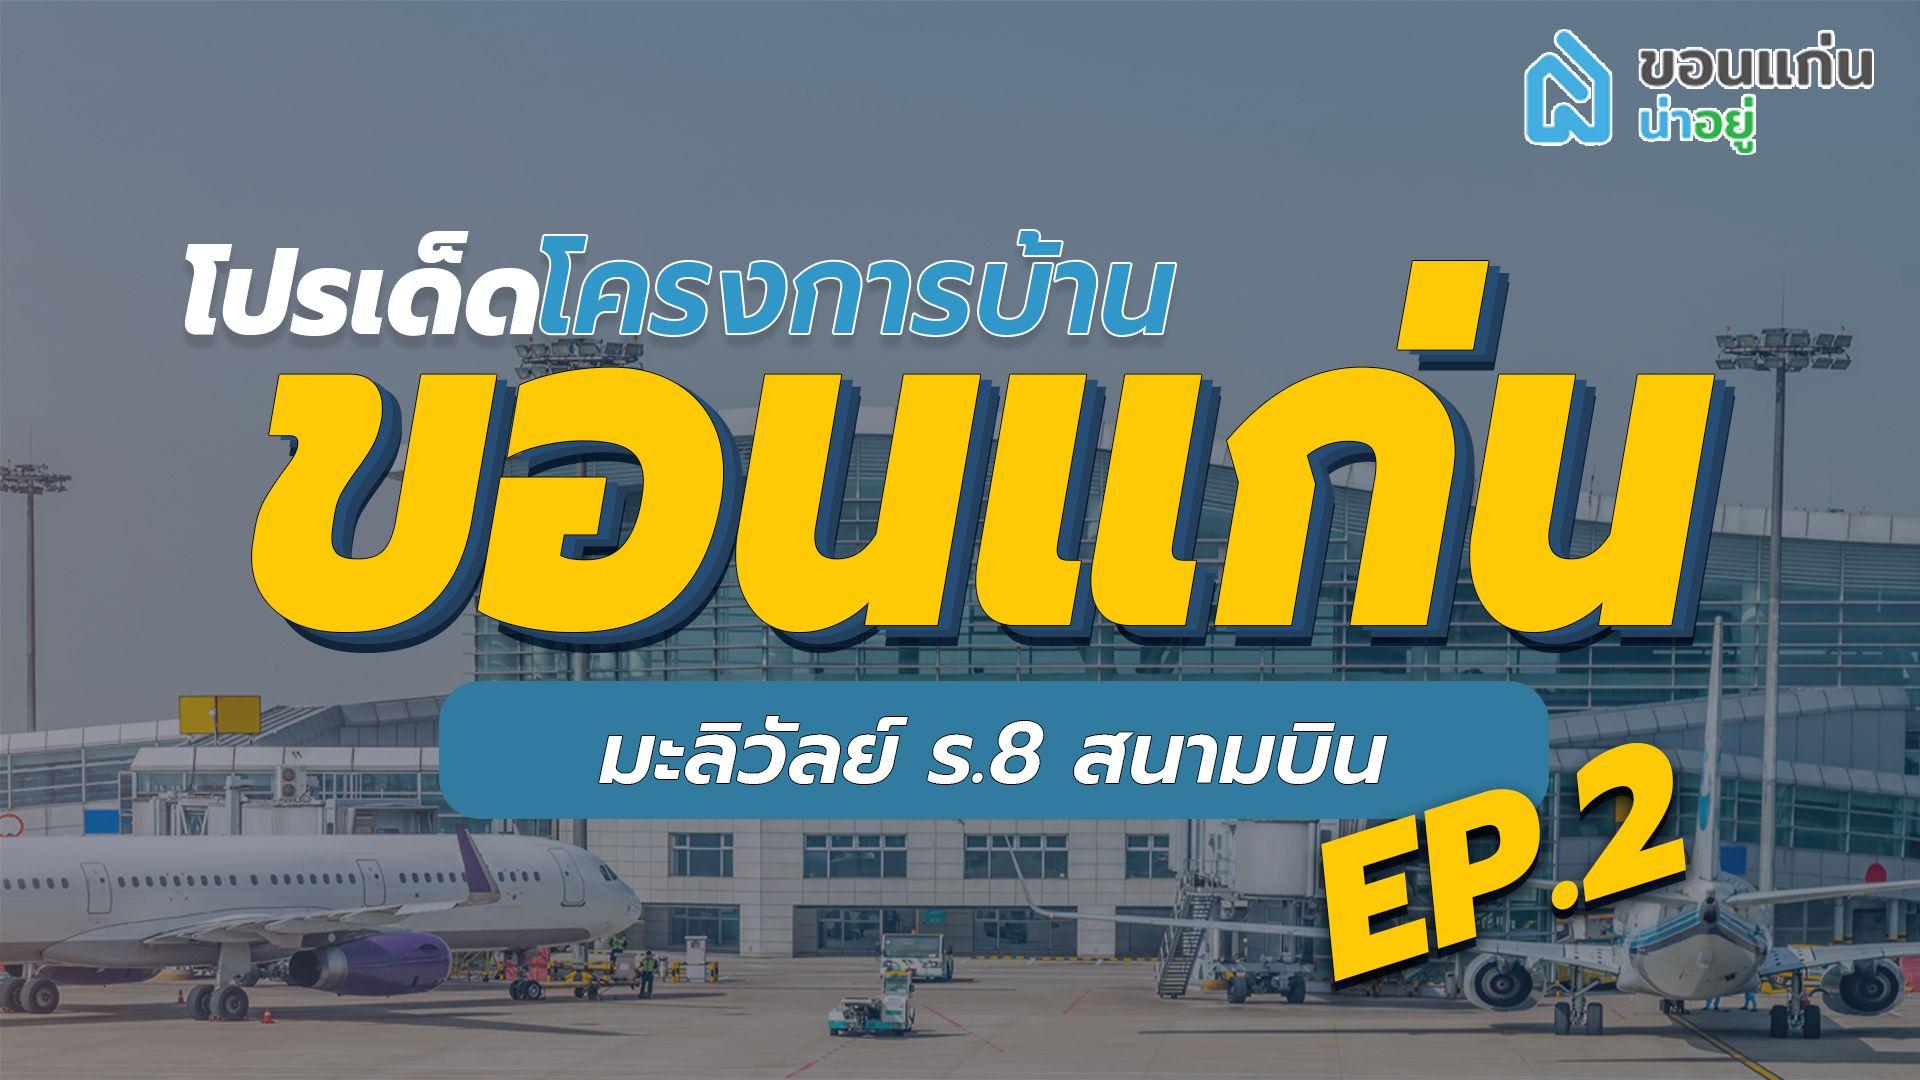 โปรโมชั่นเด็ดโครงการบ้านขอนแก่น โซนมะลิวัลย์ ร.8 สนามบิน EP.2